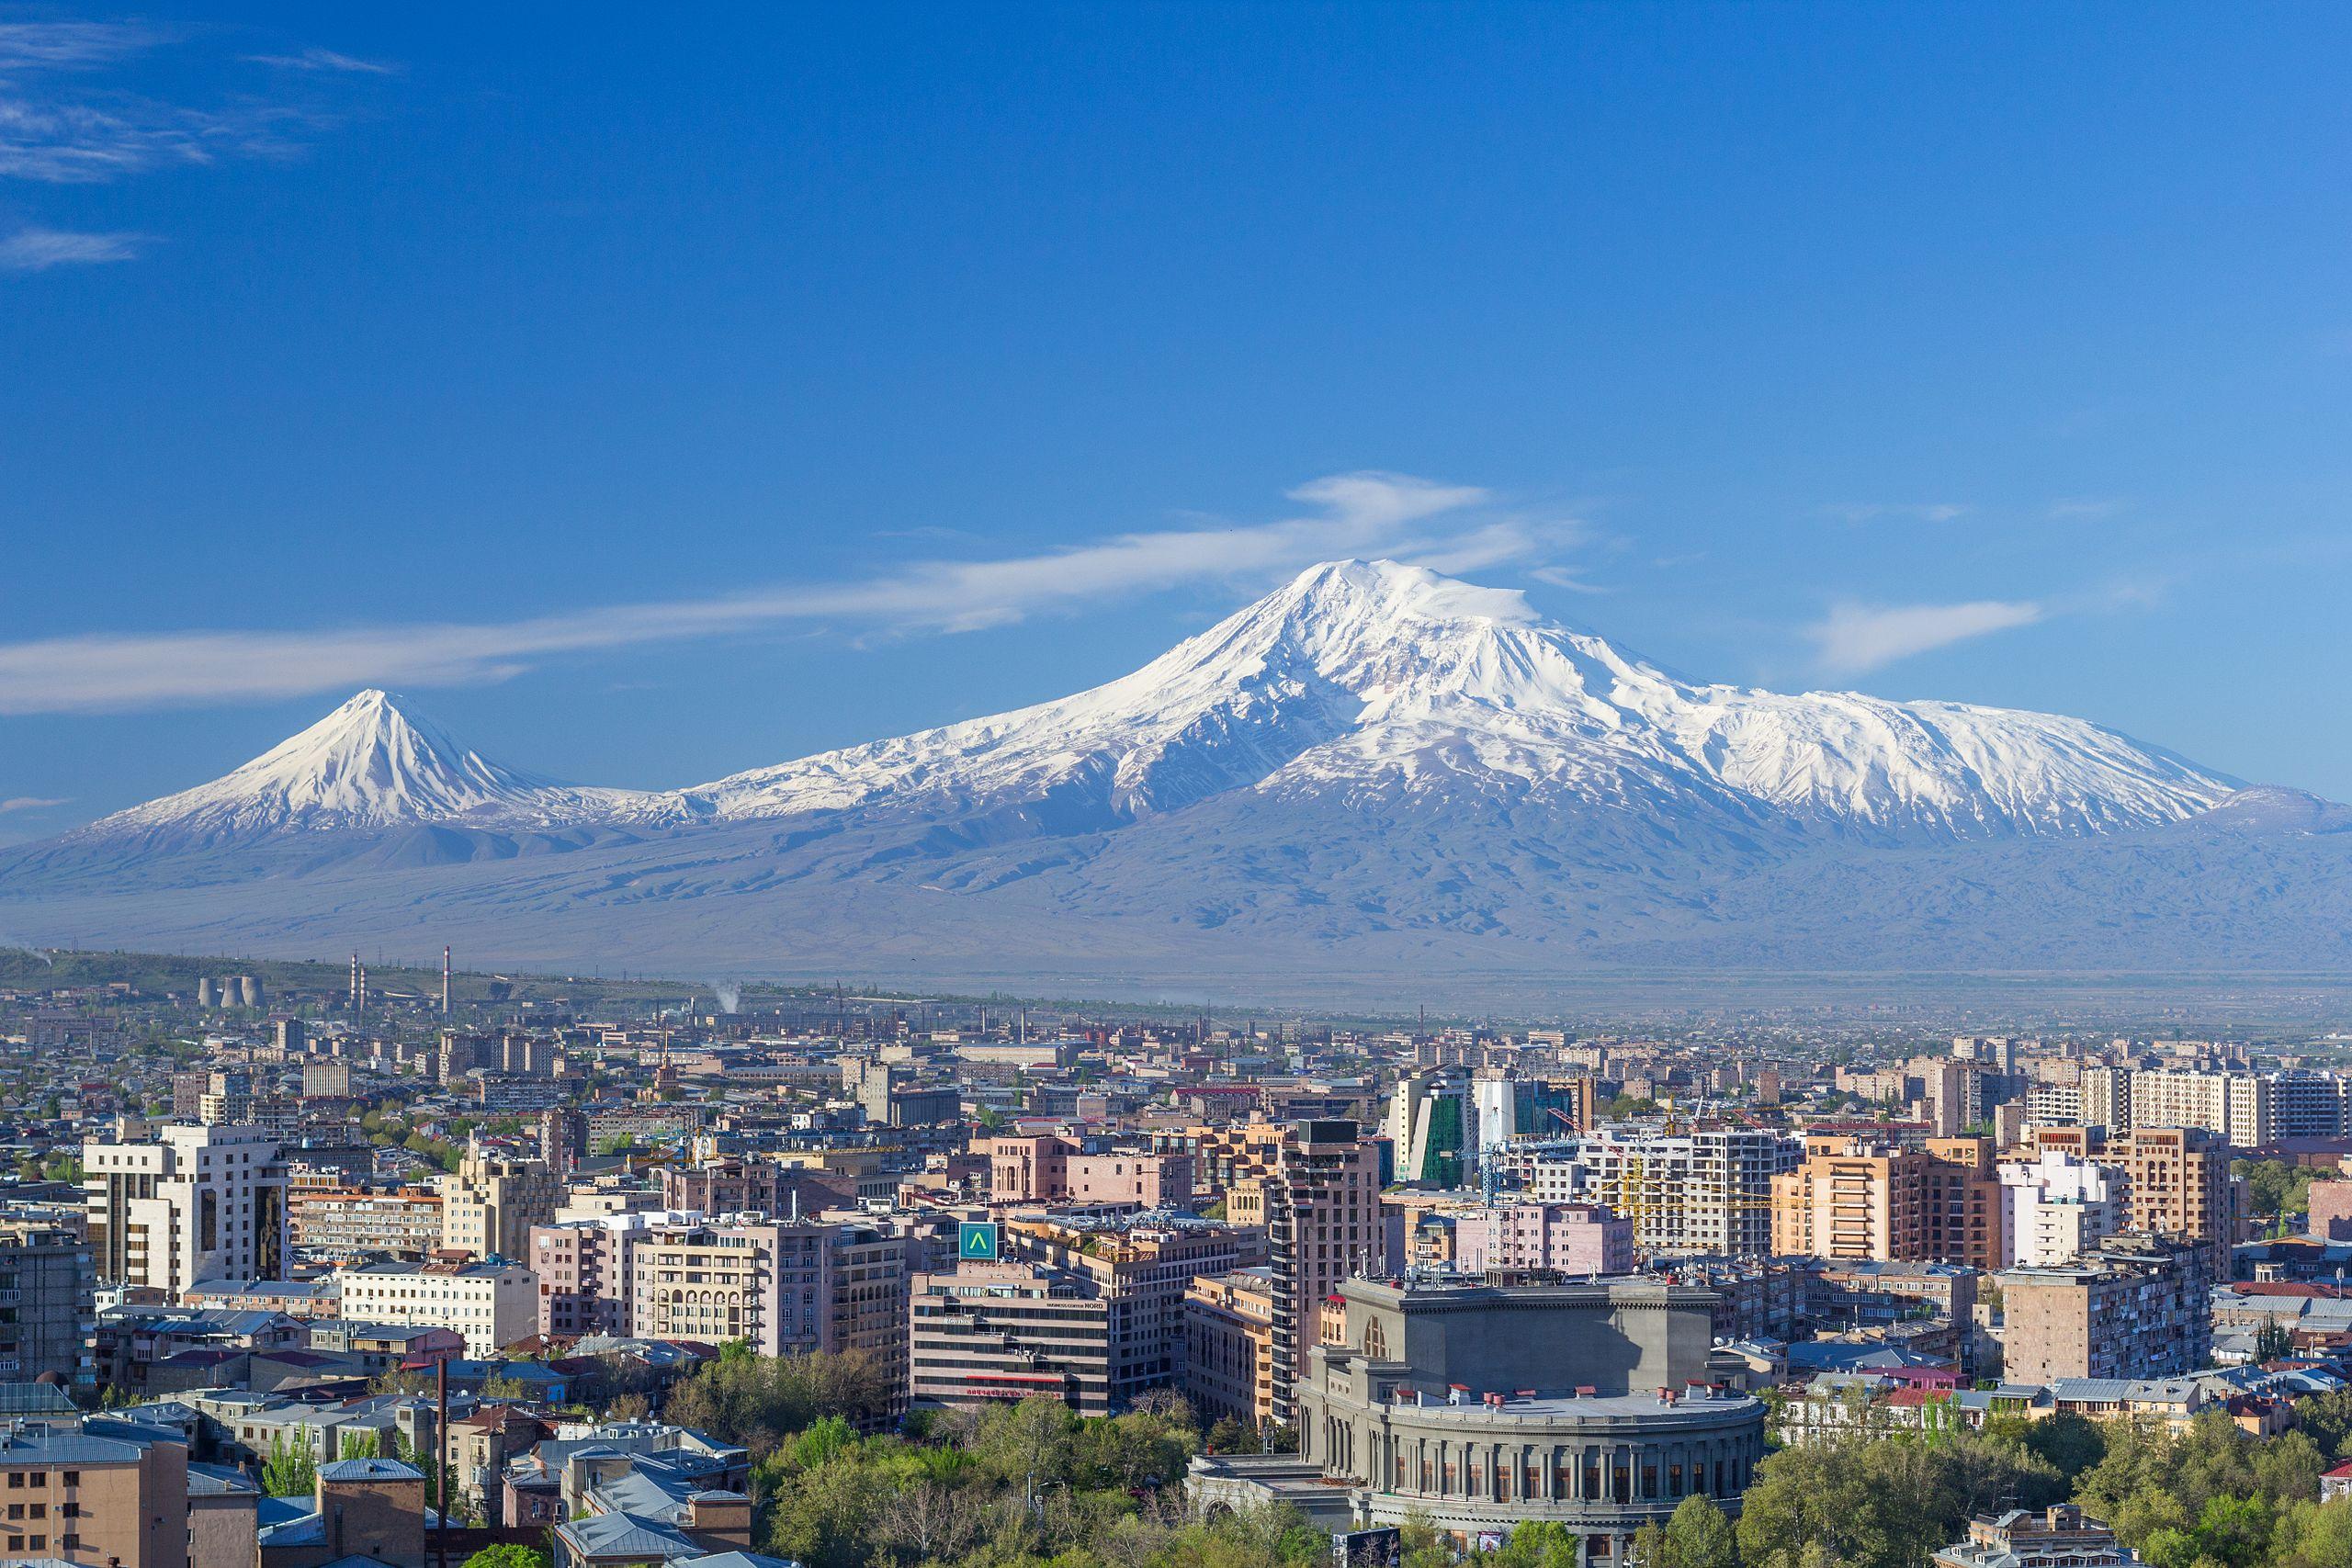 Gunung Ararat   By Սէրուժ Ուրիշեան (Serouj Ourishian) - Own work, CC BY 4.0, https://commons.wikimedia.org/w/index.php?curid=51469965